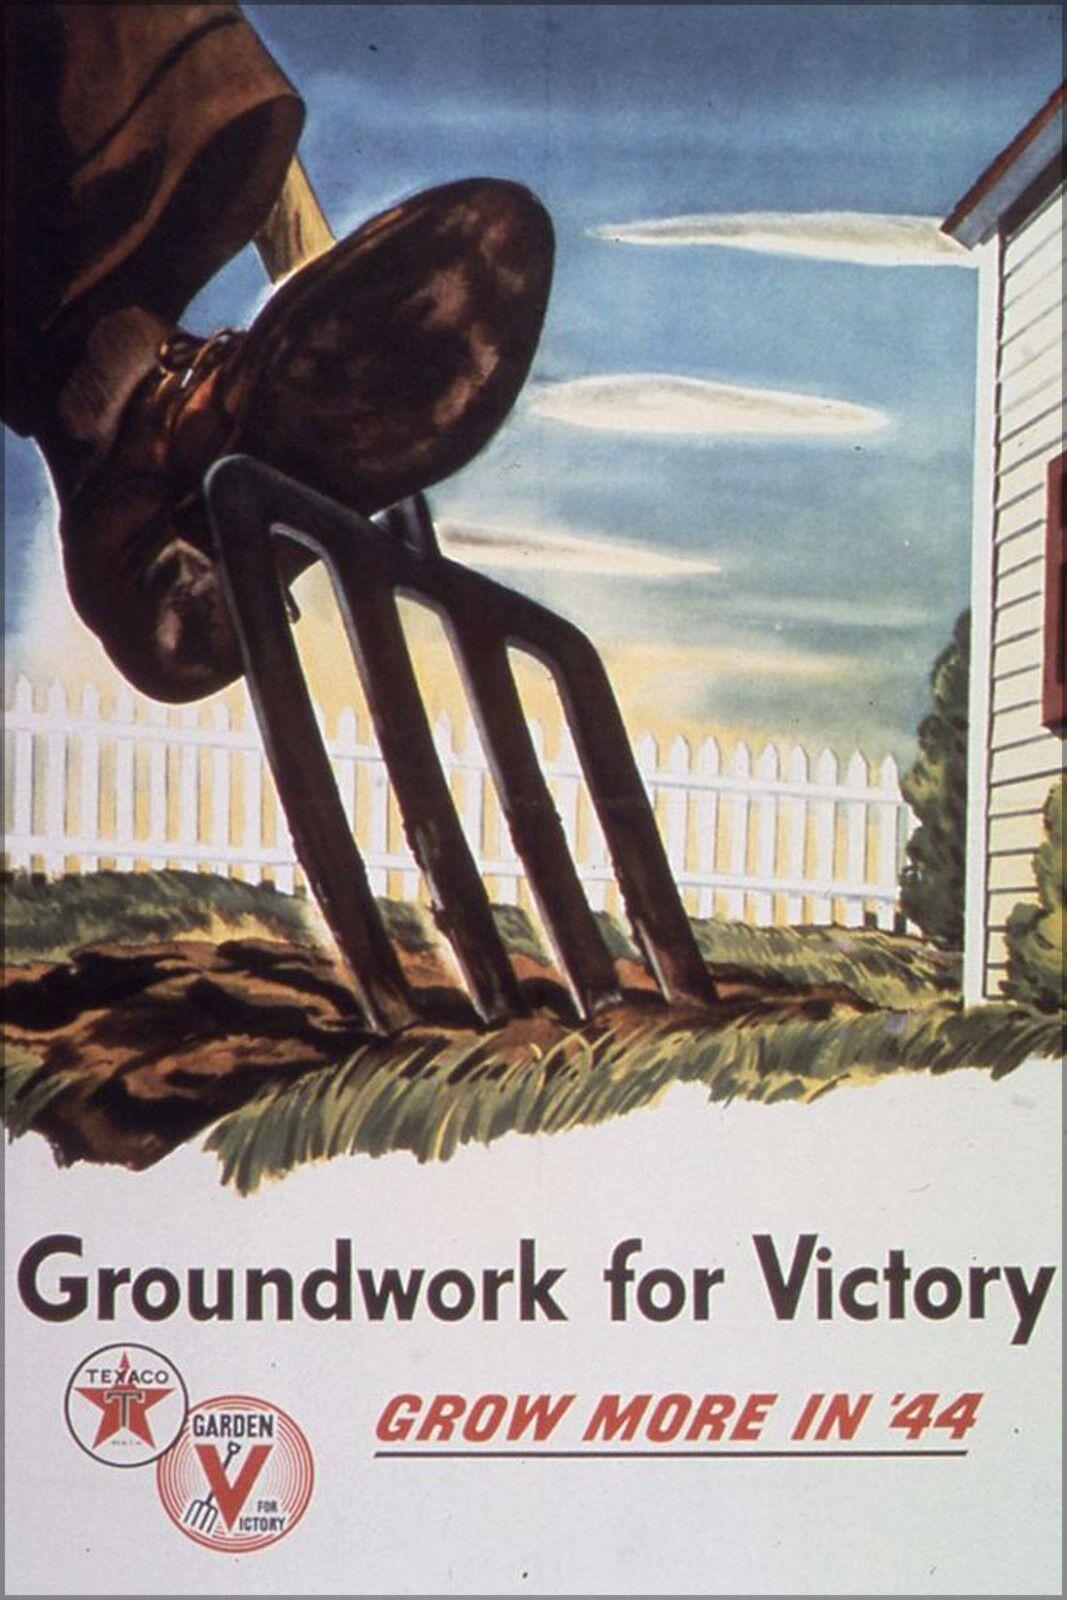 Affiche, Plusieurs Tailles; Groundwork Groundwork Groundwork For Victory Croissance Plus dans '44 | Matériaux De Qualité  | Avoir à La Fois La Qualité De La Ténacité Et De Dureté  | Stocker  | Outlet Online  d39c16